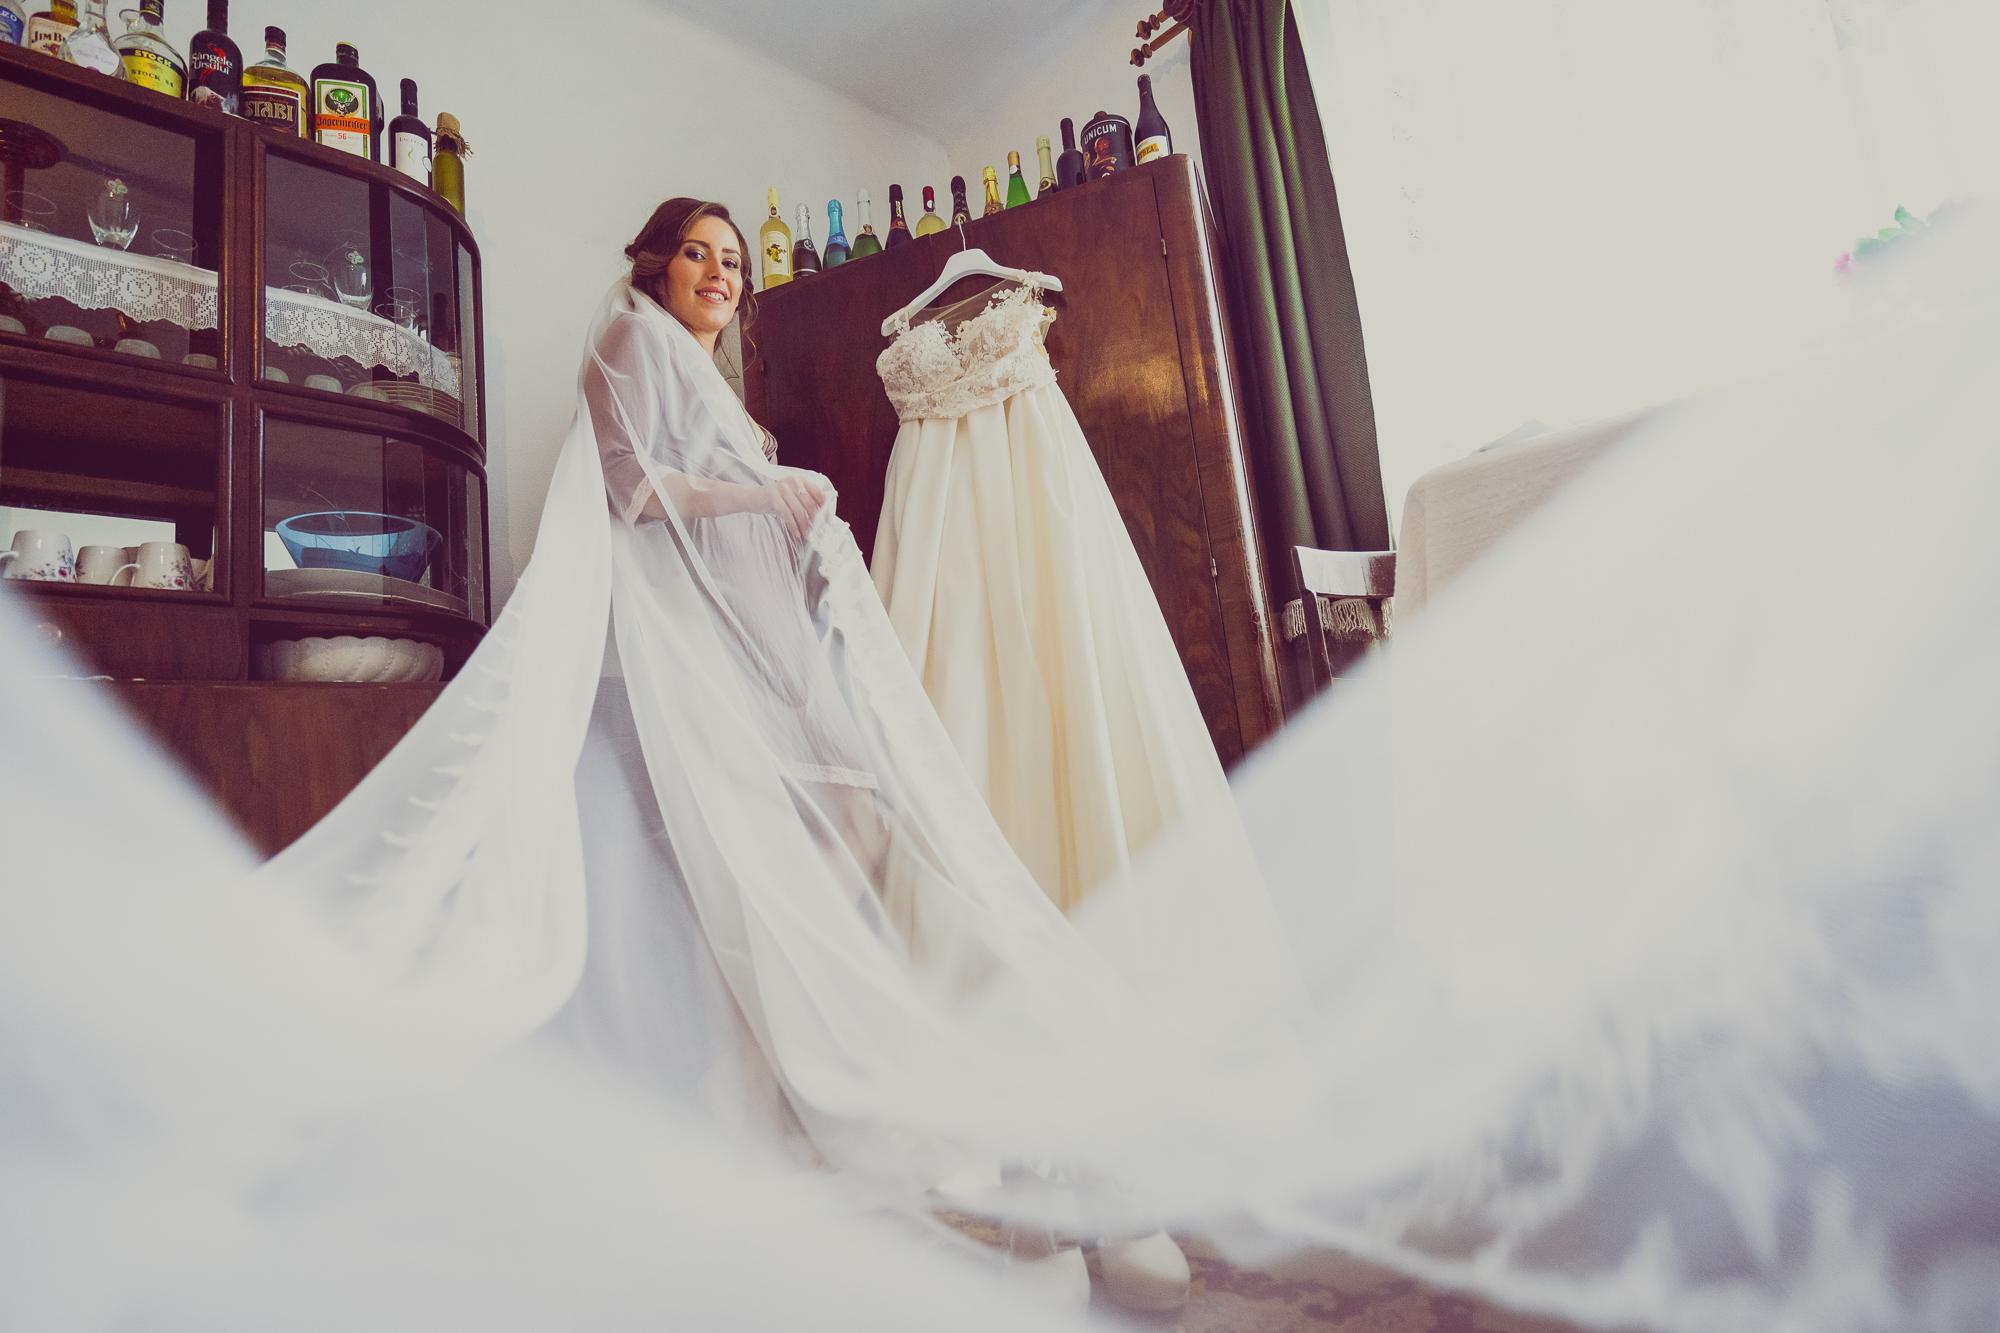 fotografie nunta, pregatirea miresei, rochie de mireasa, voal lung de mireasa,